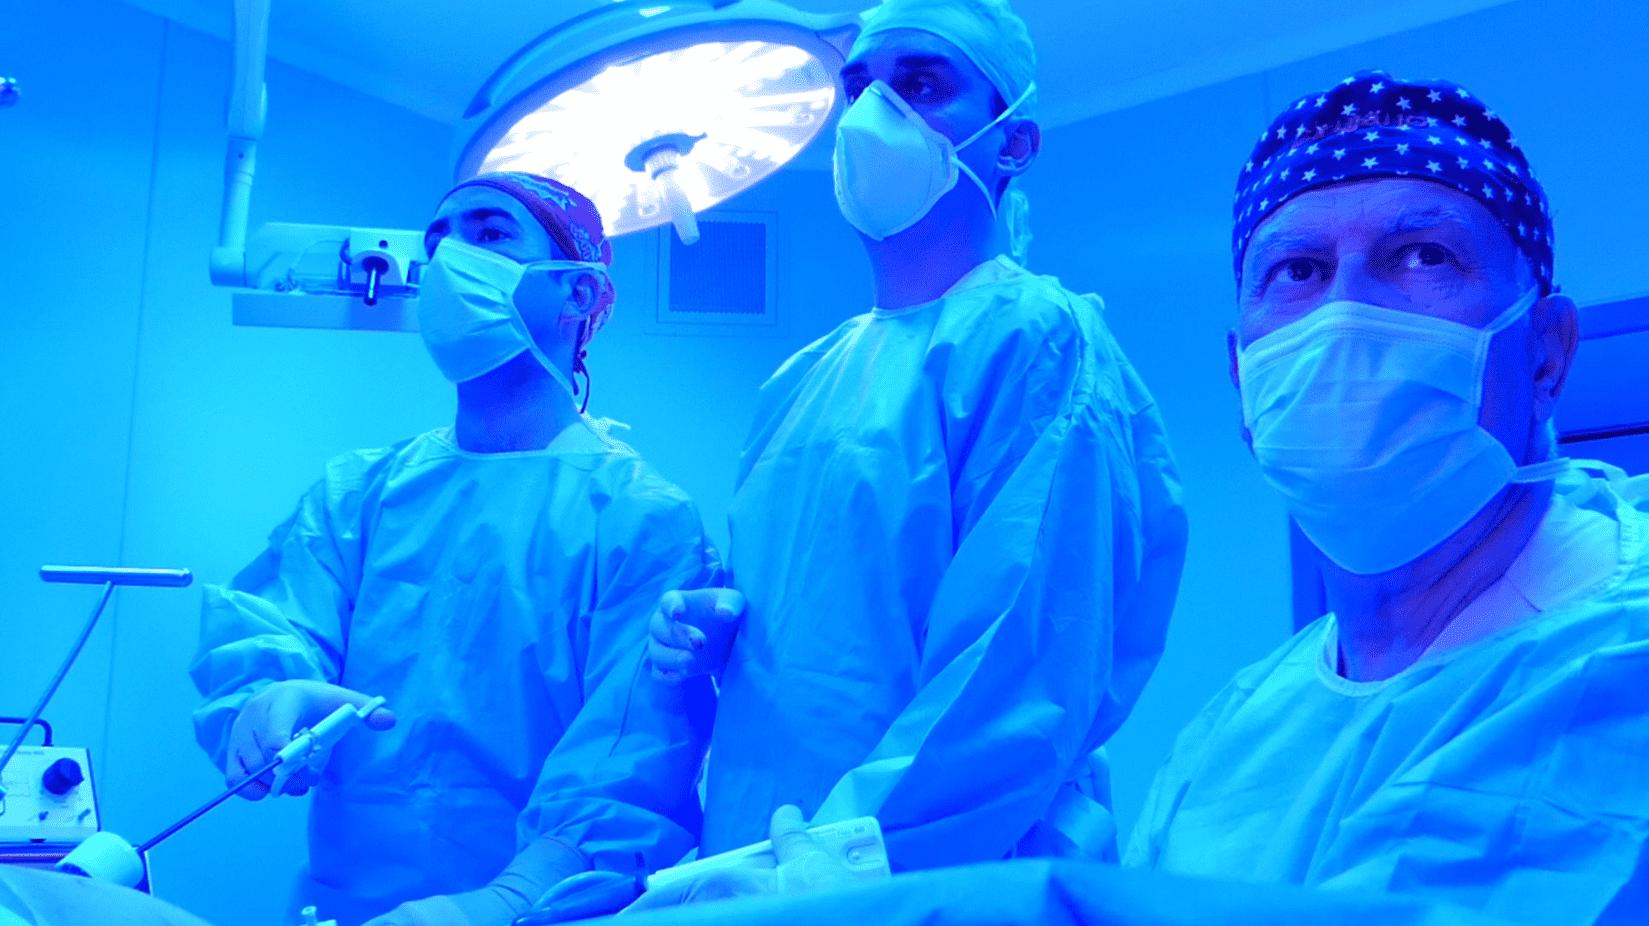 equipo de cirugía rivas realizando una operación de reducción de estómago